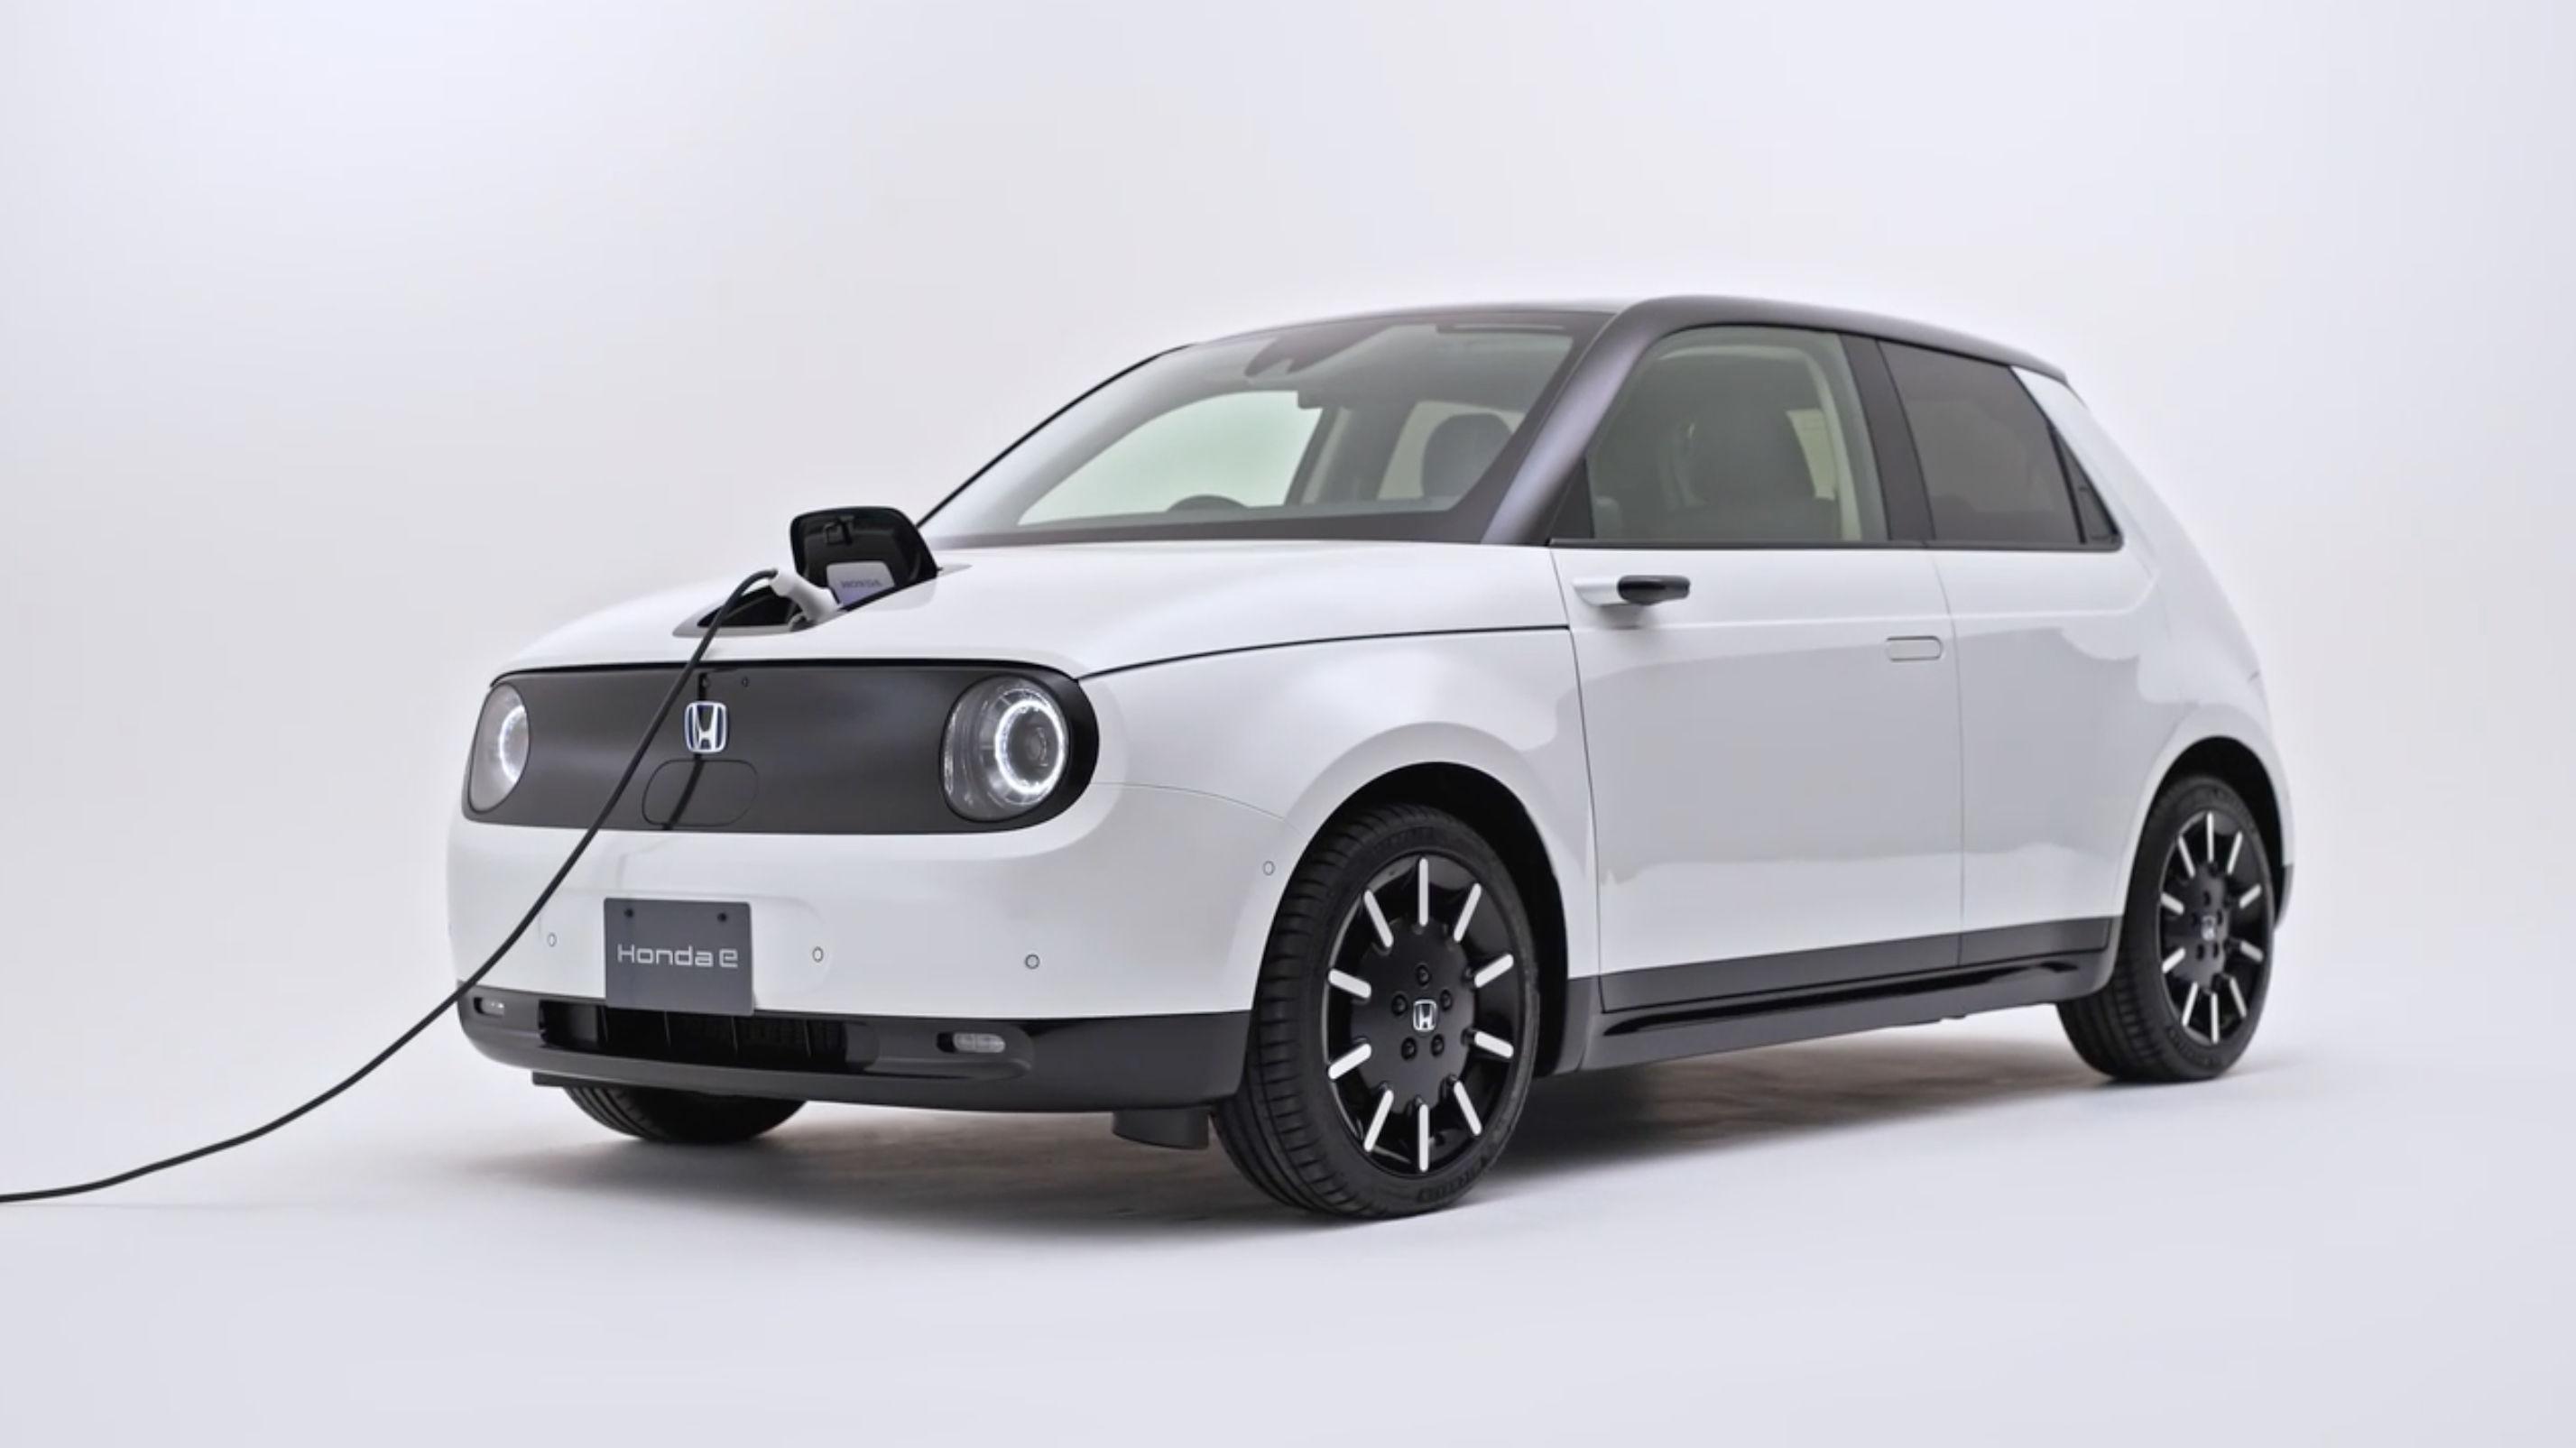 ホンダが満を持して投入したEV「Honda e」が残念な理由